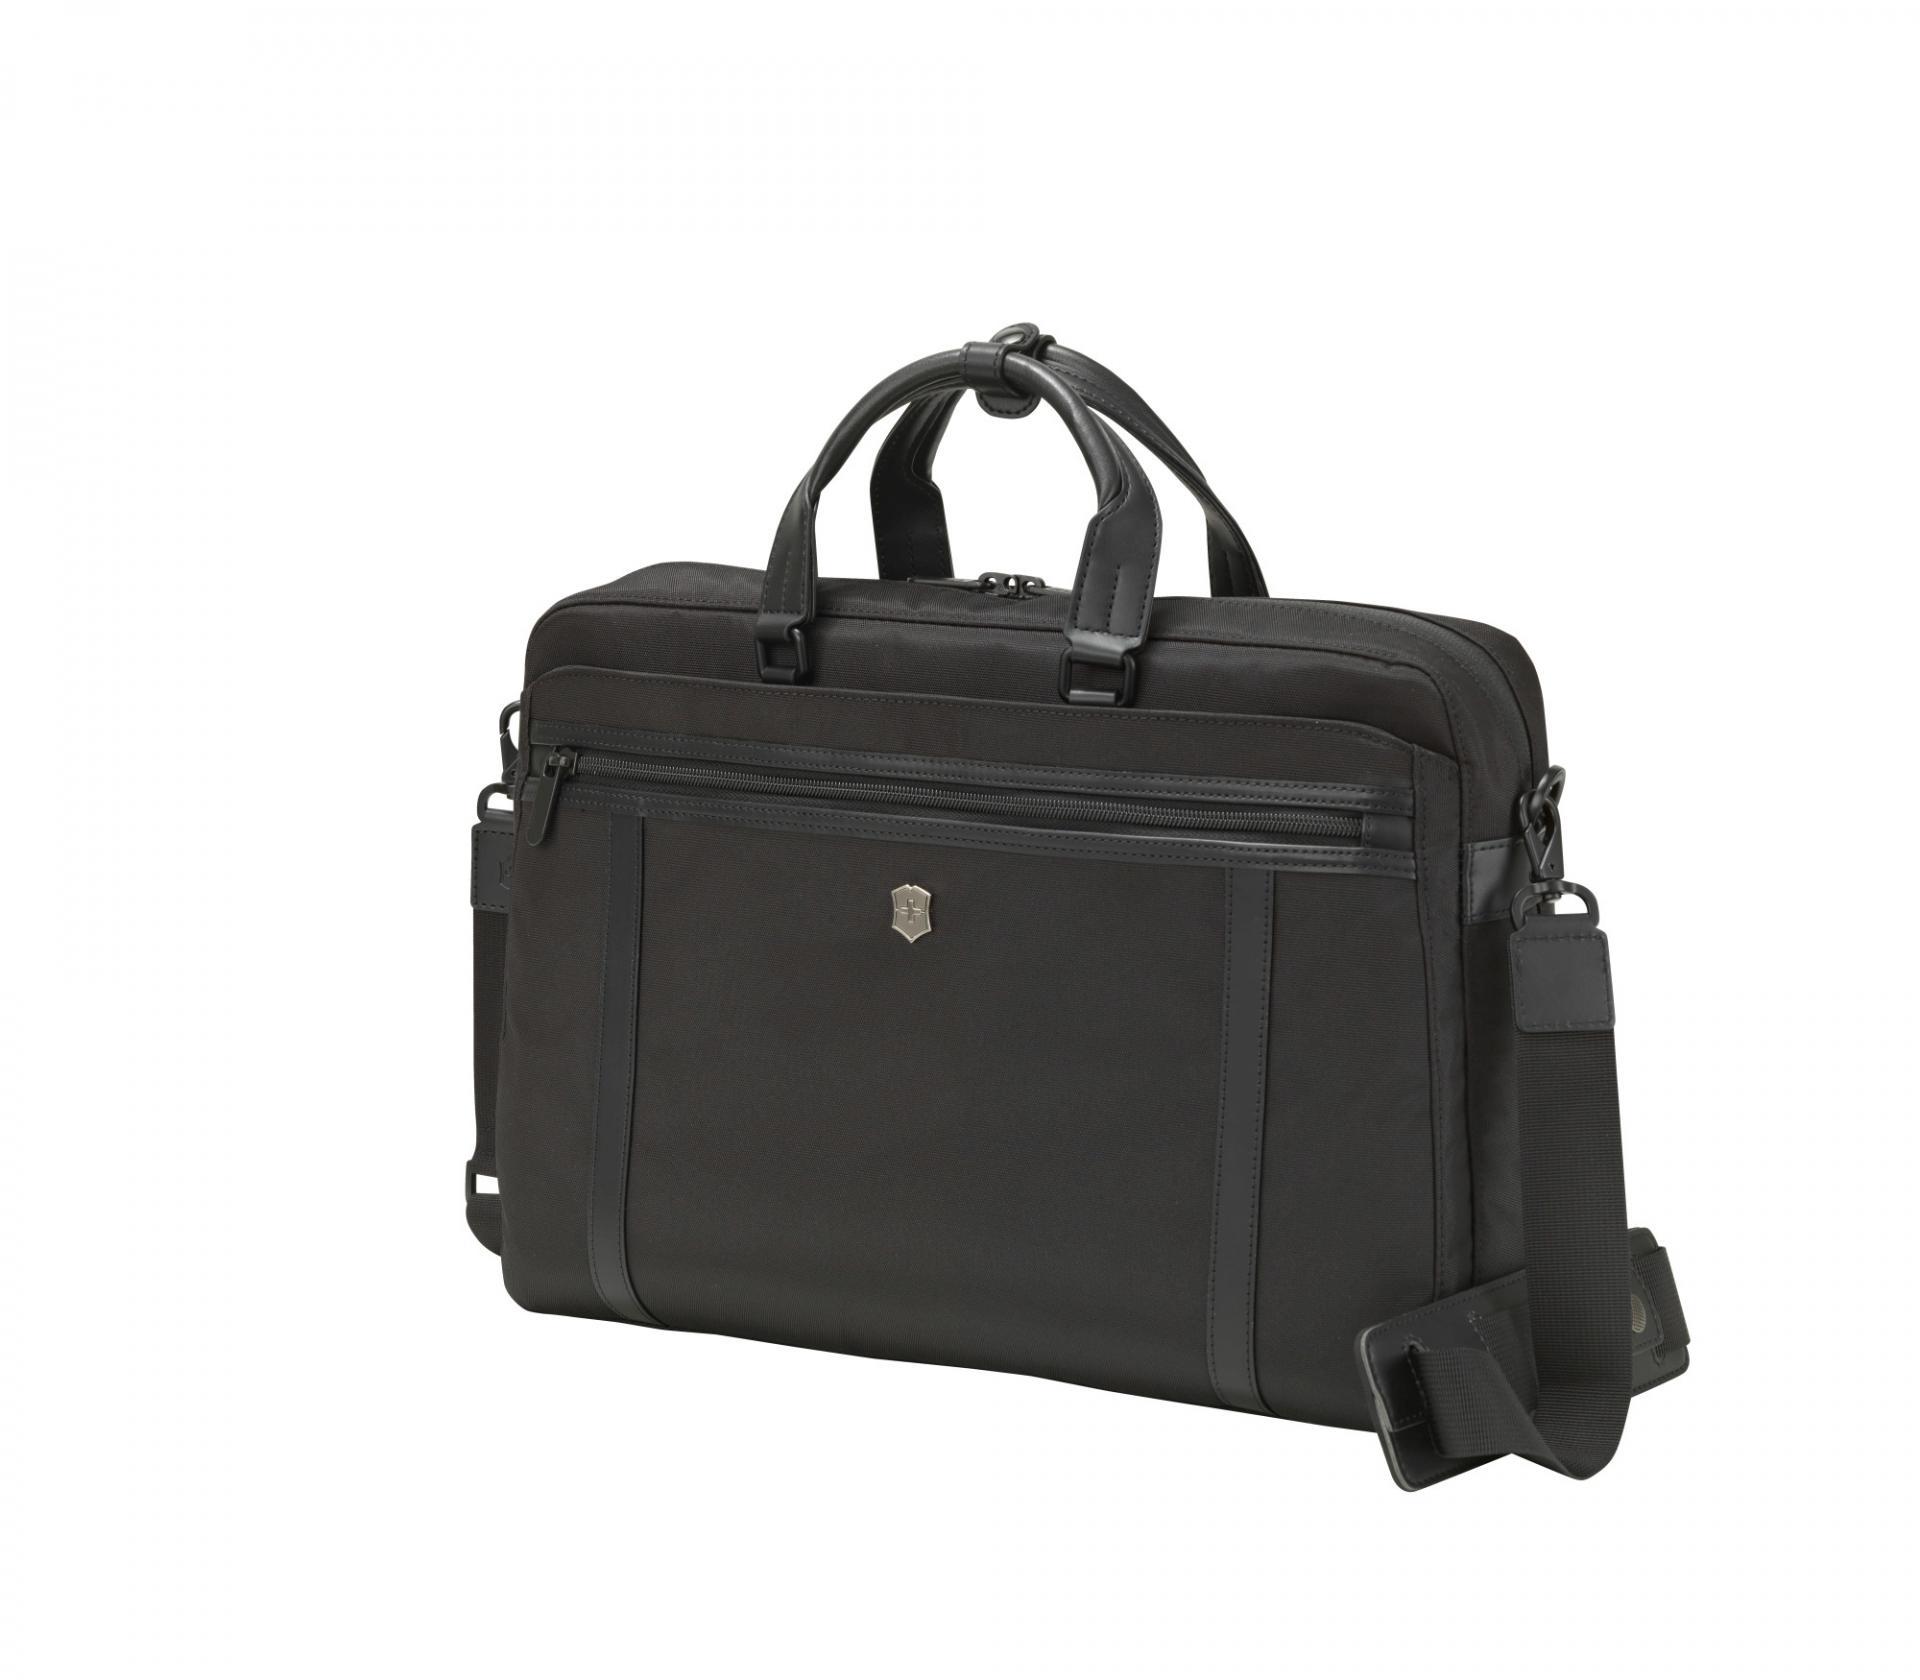 """Maletin Werks Professional 2.0, 13"""" Laptop Brief  Black 604989  *"""